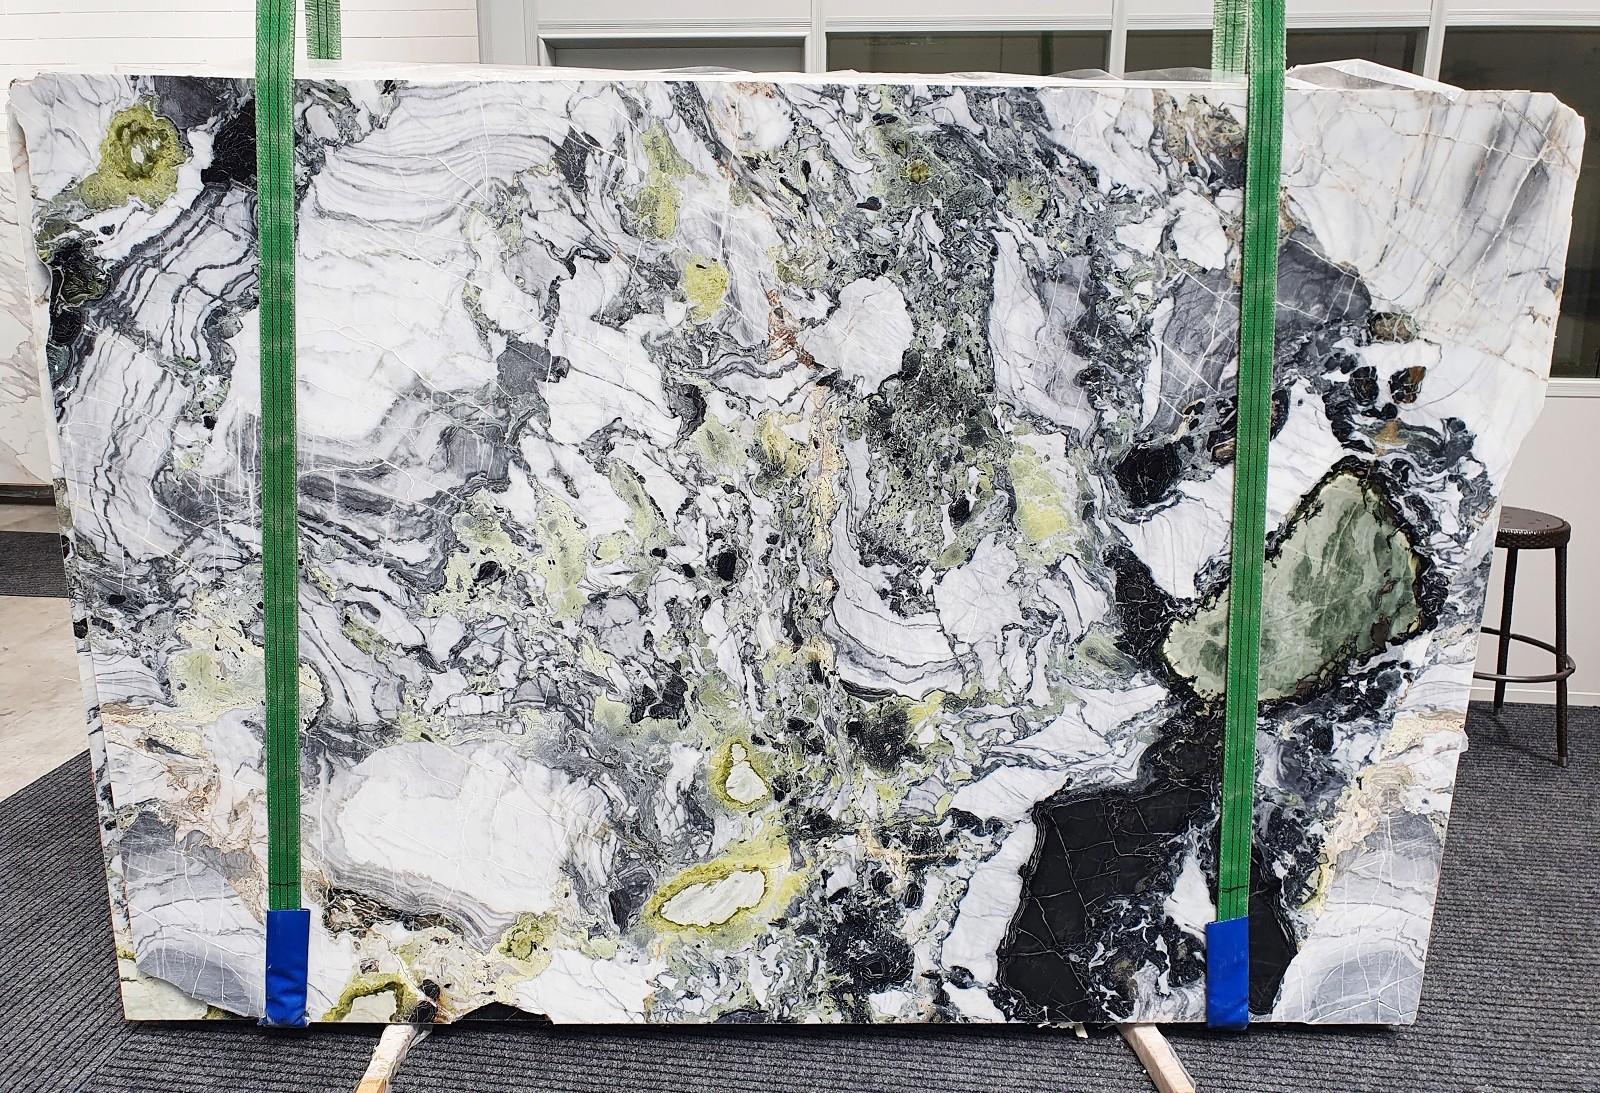 AMAZONIA polierte Unmaßplatten 1386 aus Natur Marmor , Slab #54: Lieferung Veneto, Italien